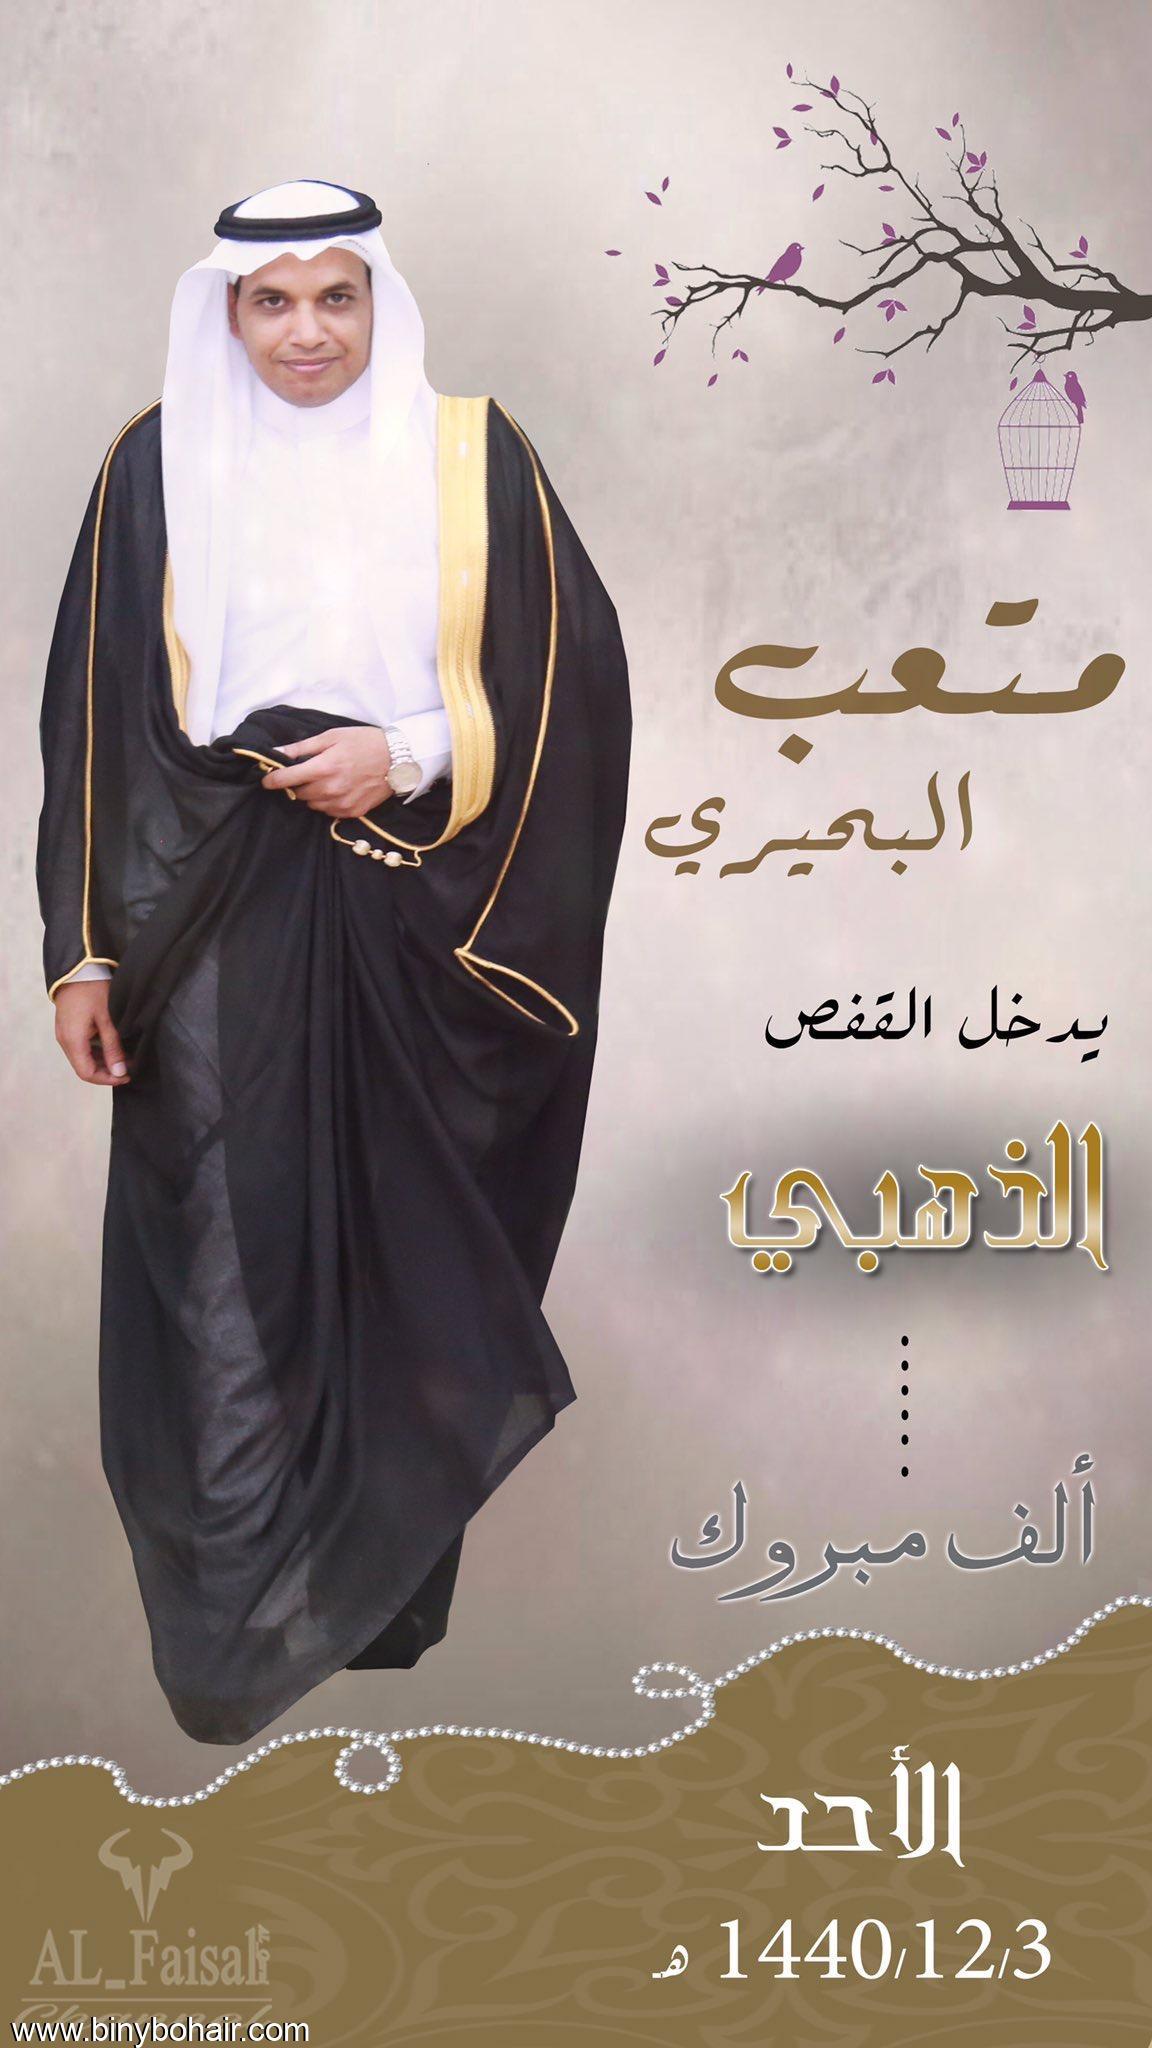 بالصور...زواج متعب احمد سعيد البحيري viu39186.jpeg